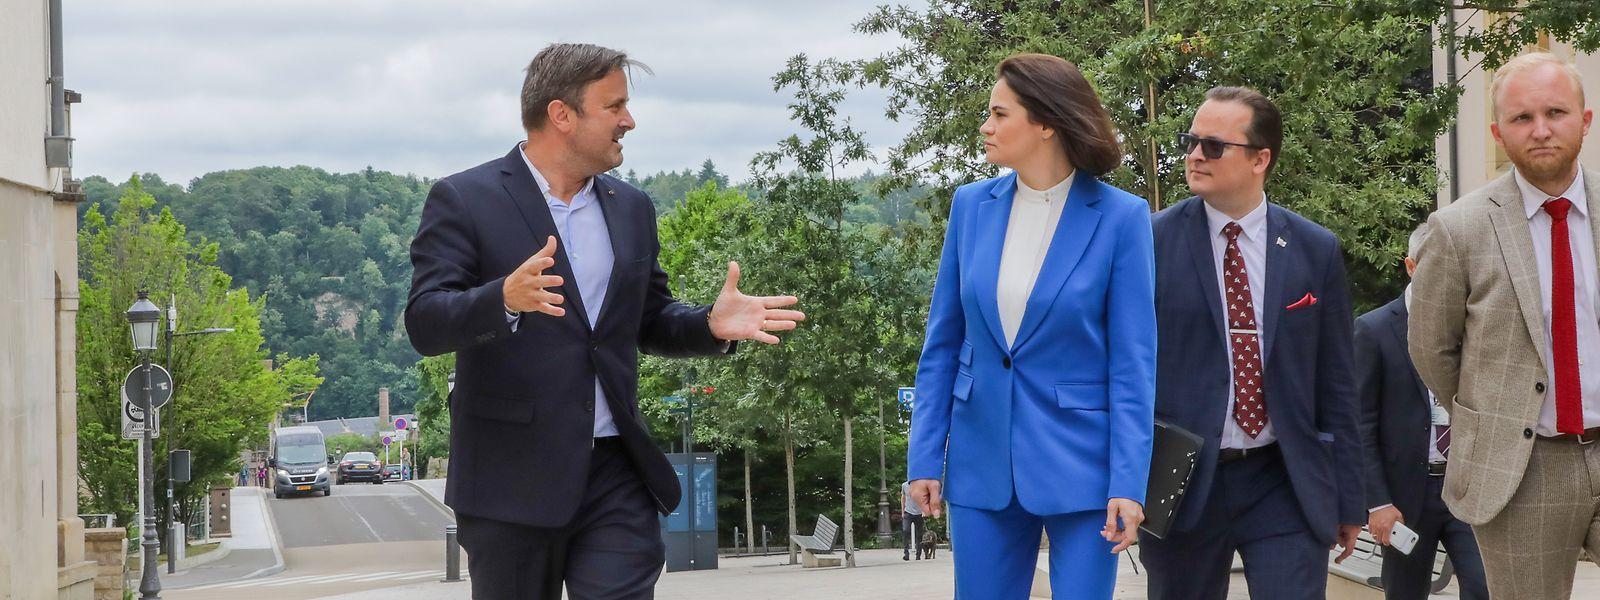 Premierminister Xavier Bettel (links) empfing die belarussische Oppositionelle Swetlana Tichanowskaja in Luxemburg.